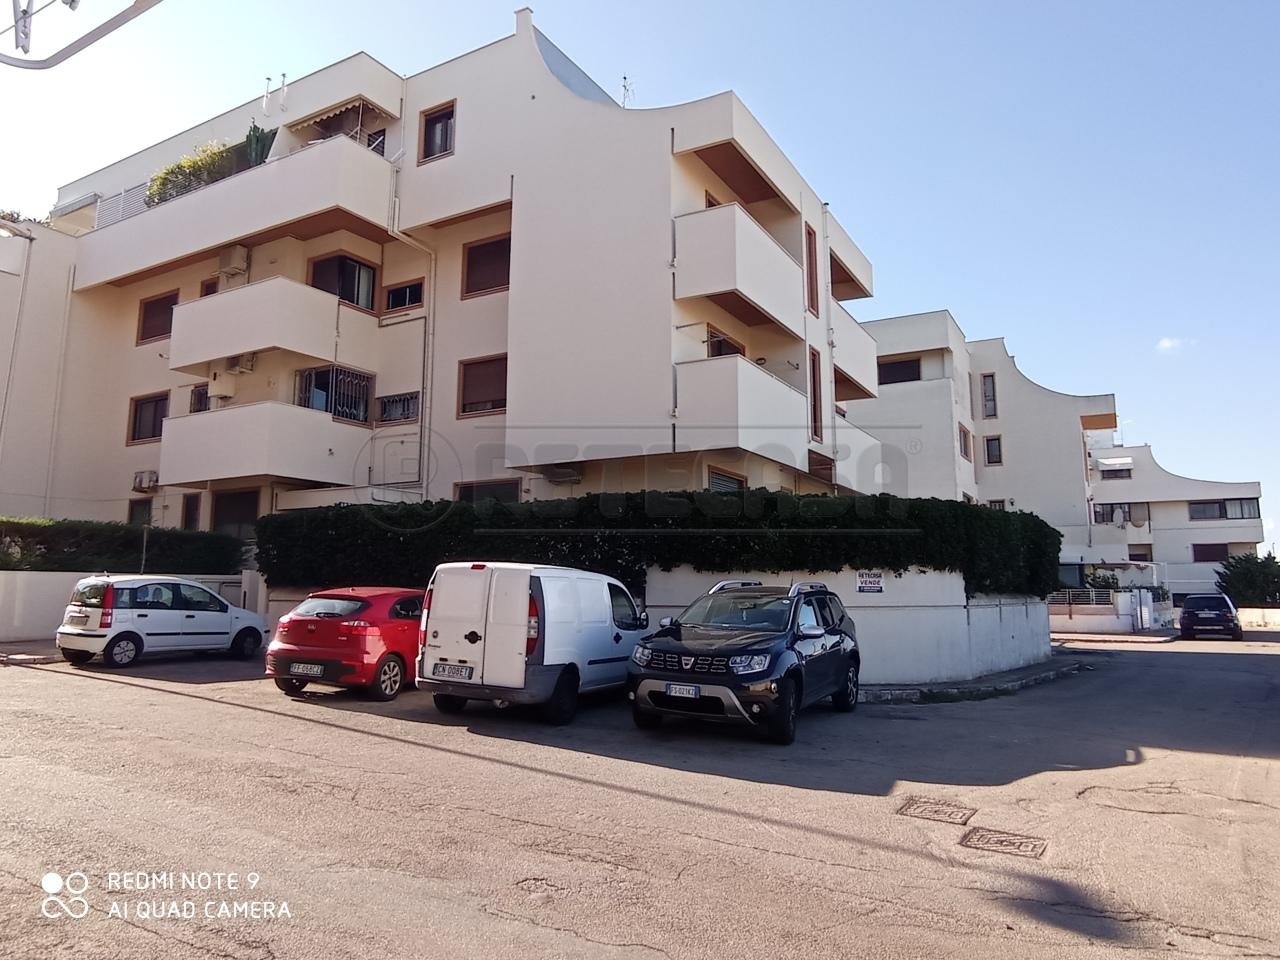 Appartamento in vendita a Gallipoli, 6 locali, prezzo € 160.000 | CambioCasa.it